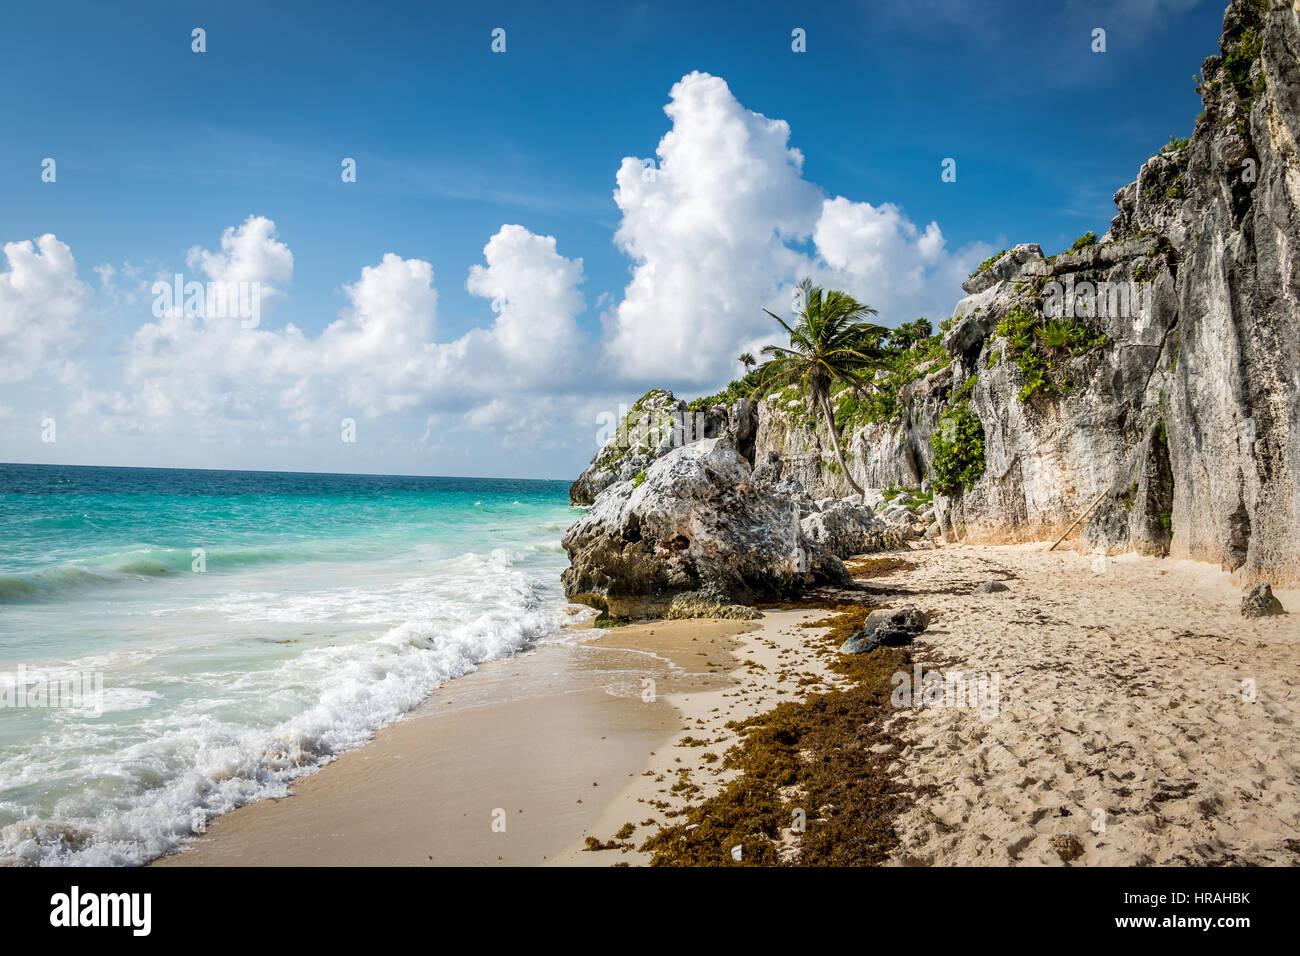 Mer des Caraïbes et les roches - ruines mayas de Tulum, Mexique Photo Stock